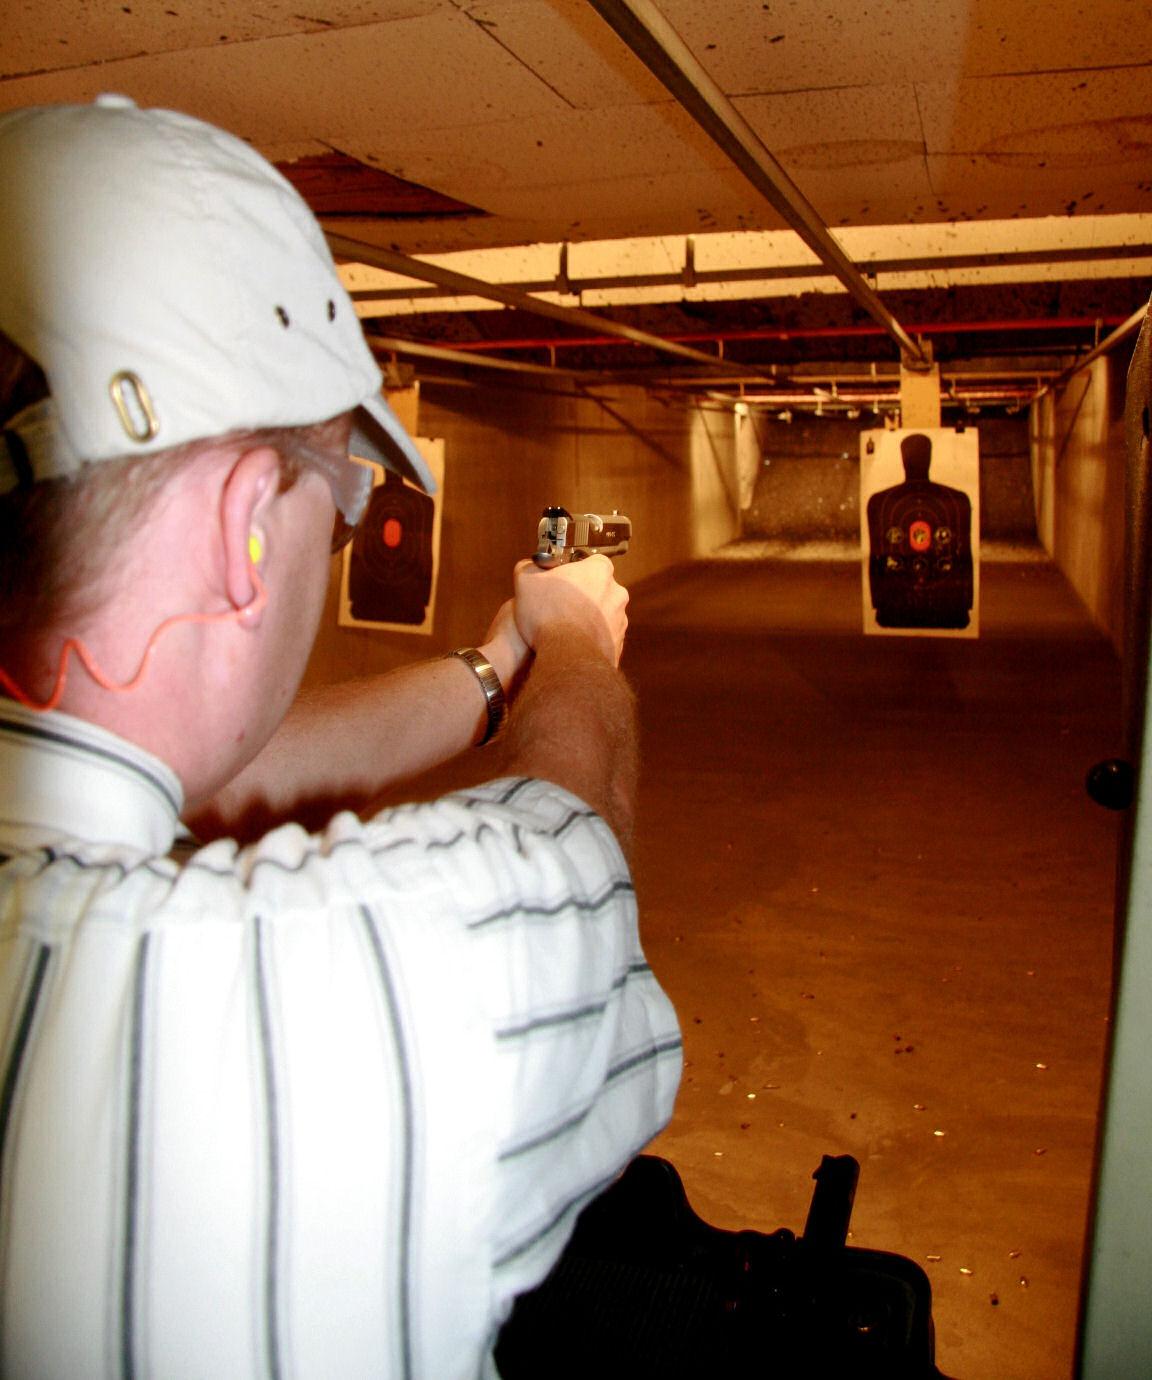 Brian J. firing the .45